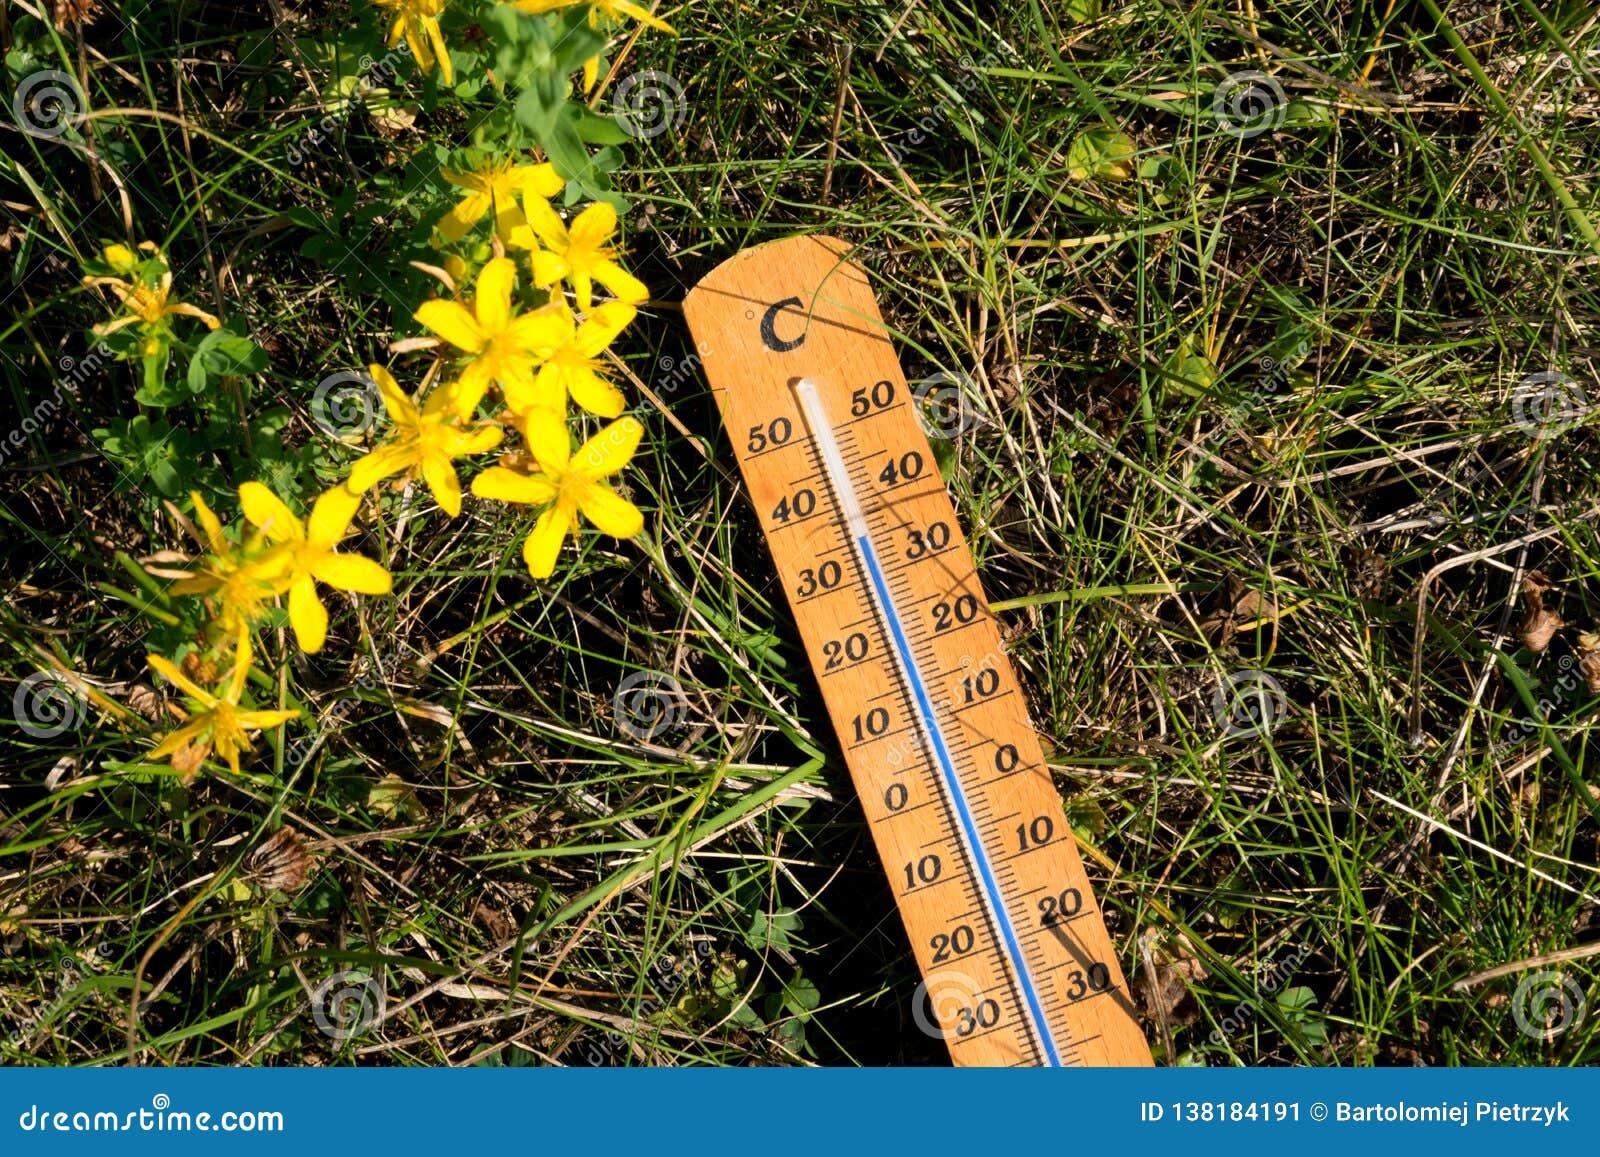 De thermometer toont op hoge temperatuur in de zomer